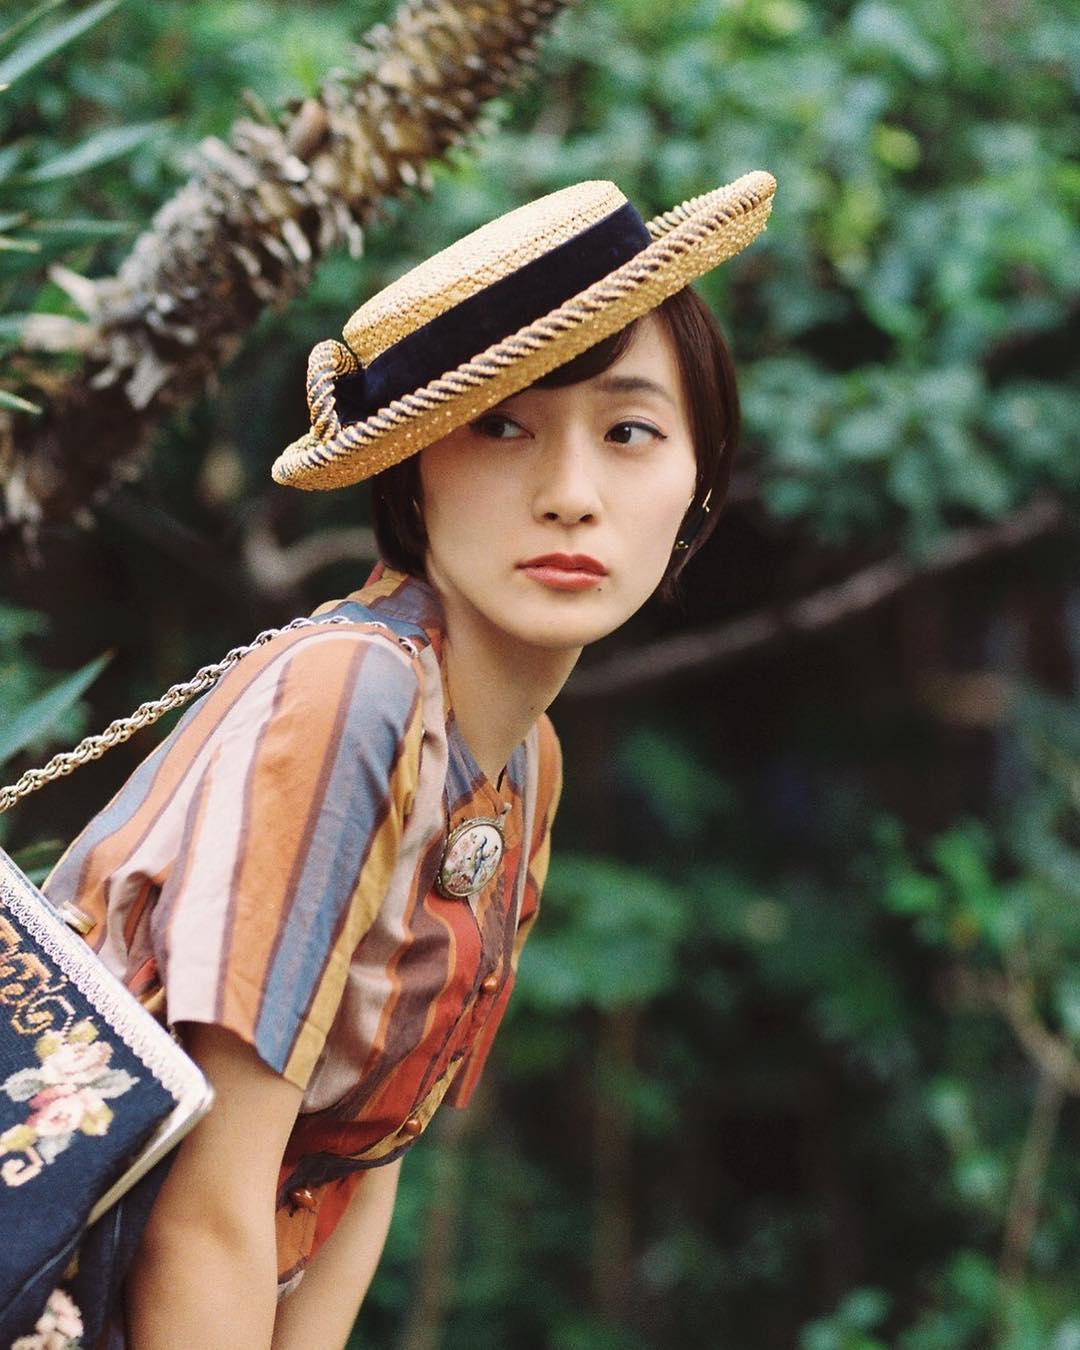 ナチュラルで大人っぽい☆シトラスカラーのアイテムに合うヘアアレンジ5